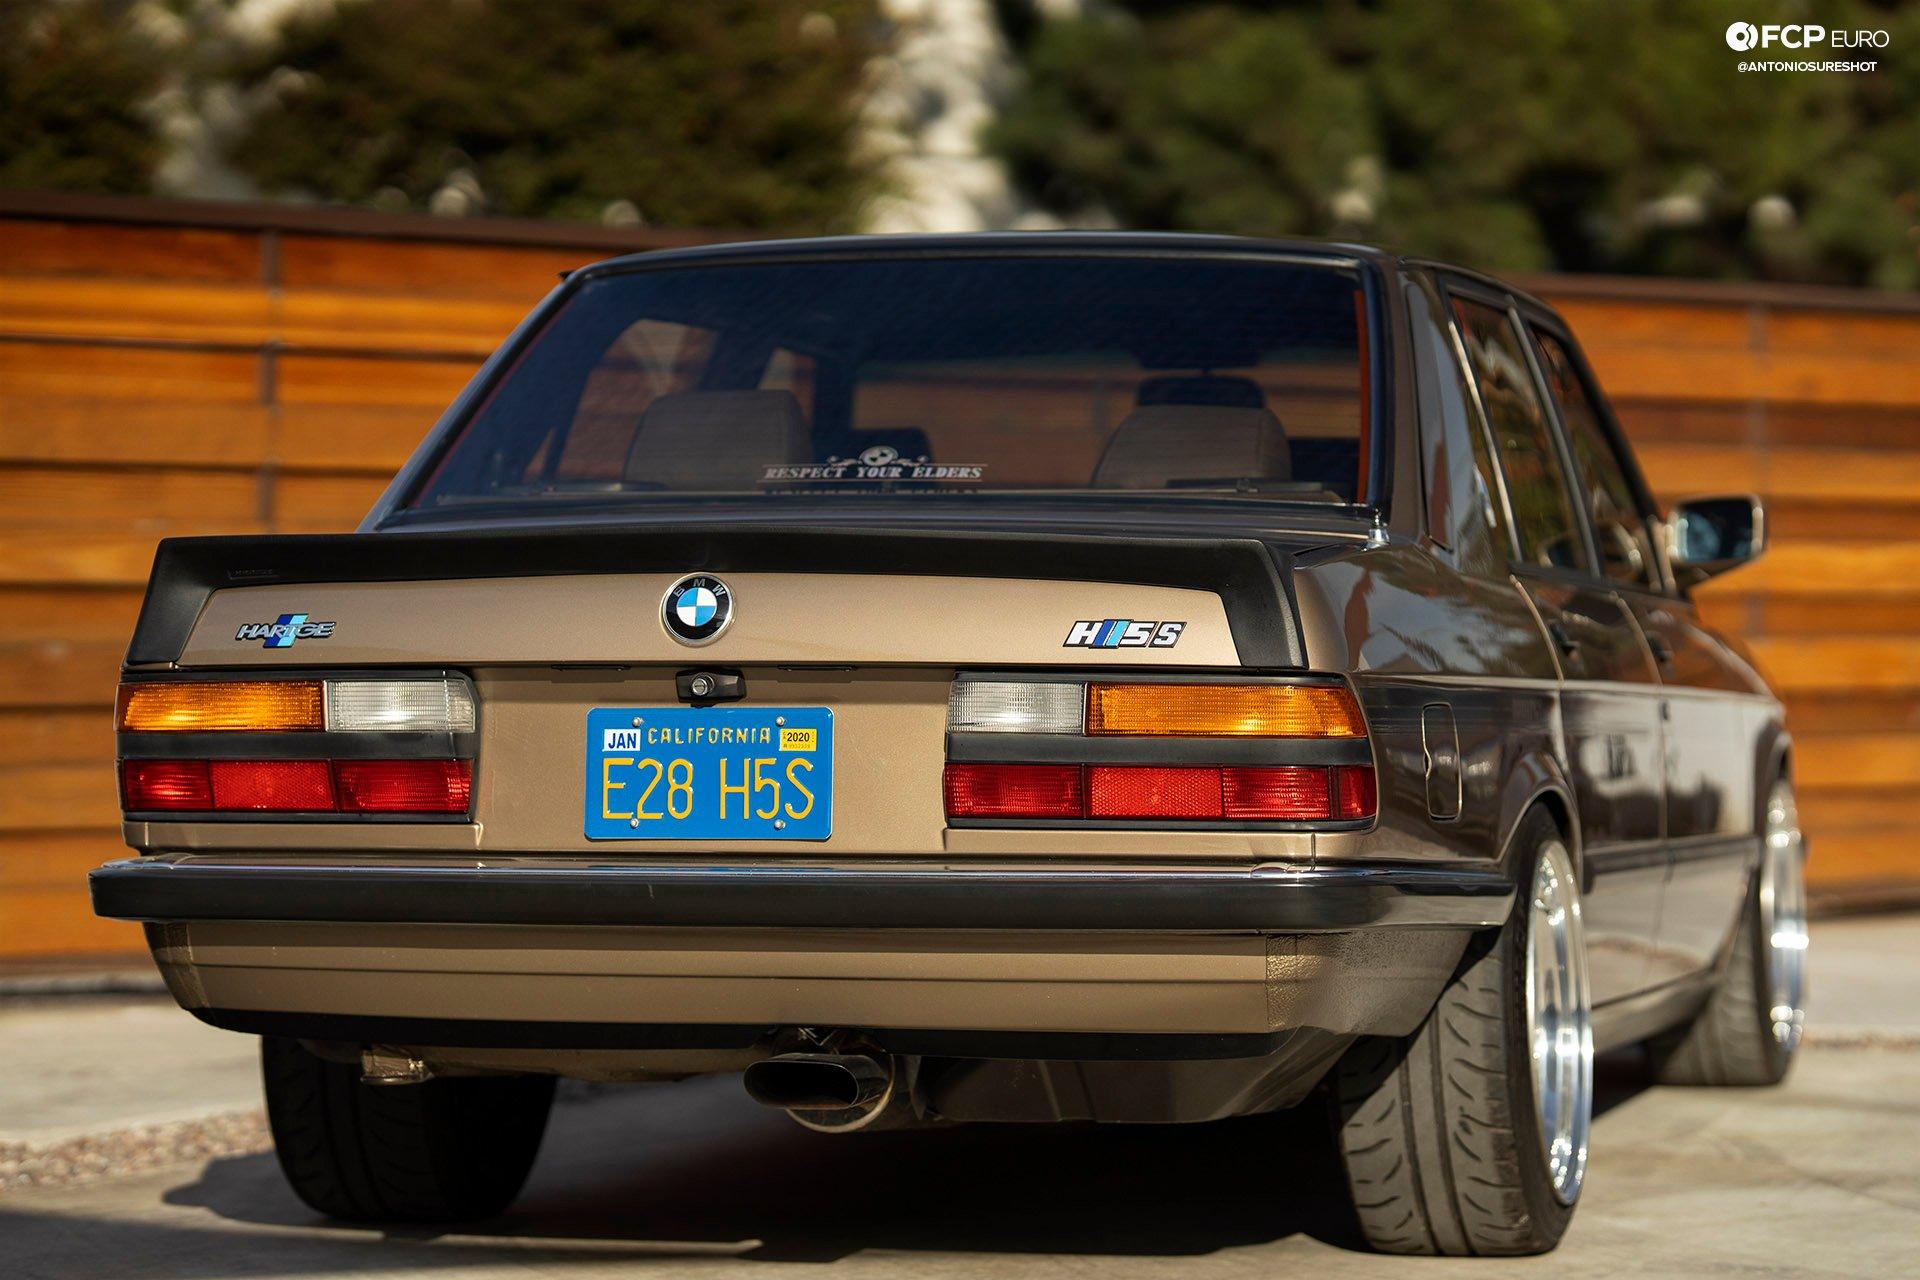 Hartge E28 BMW 535i EOSR5719